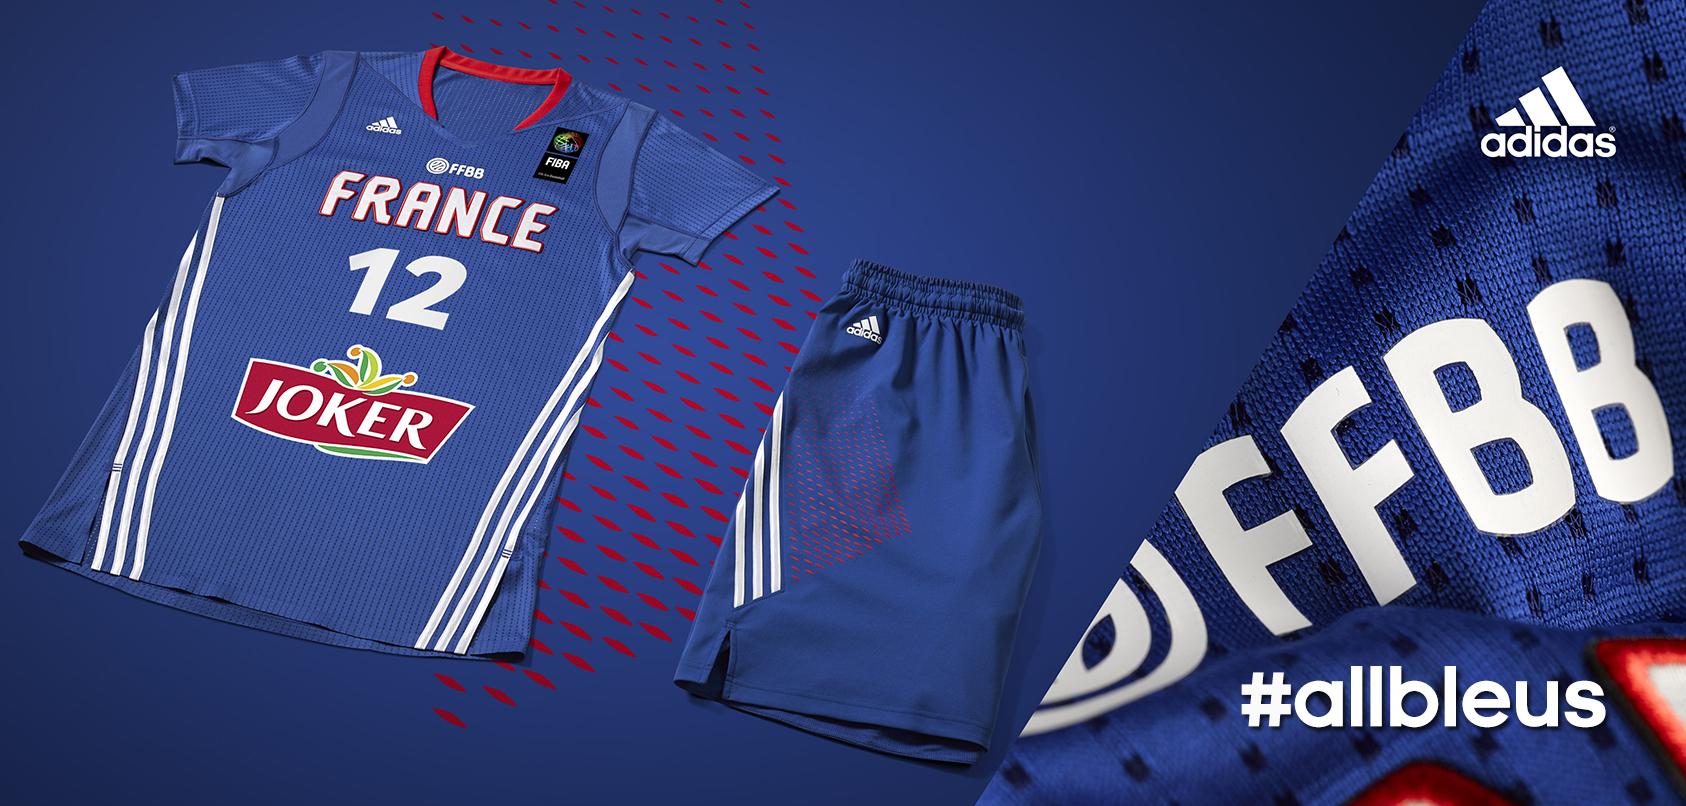 60d82f5296c56 L'Equipe de France de Basket-ball dévoile son maillot #allbleus ...